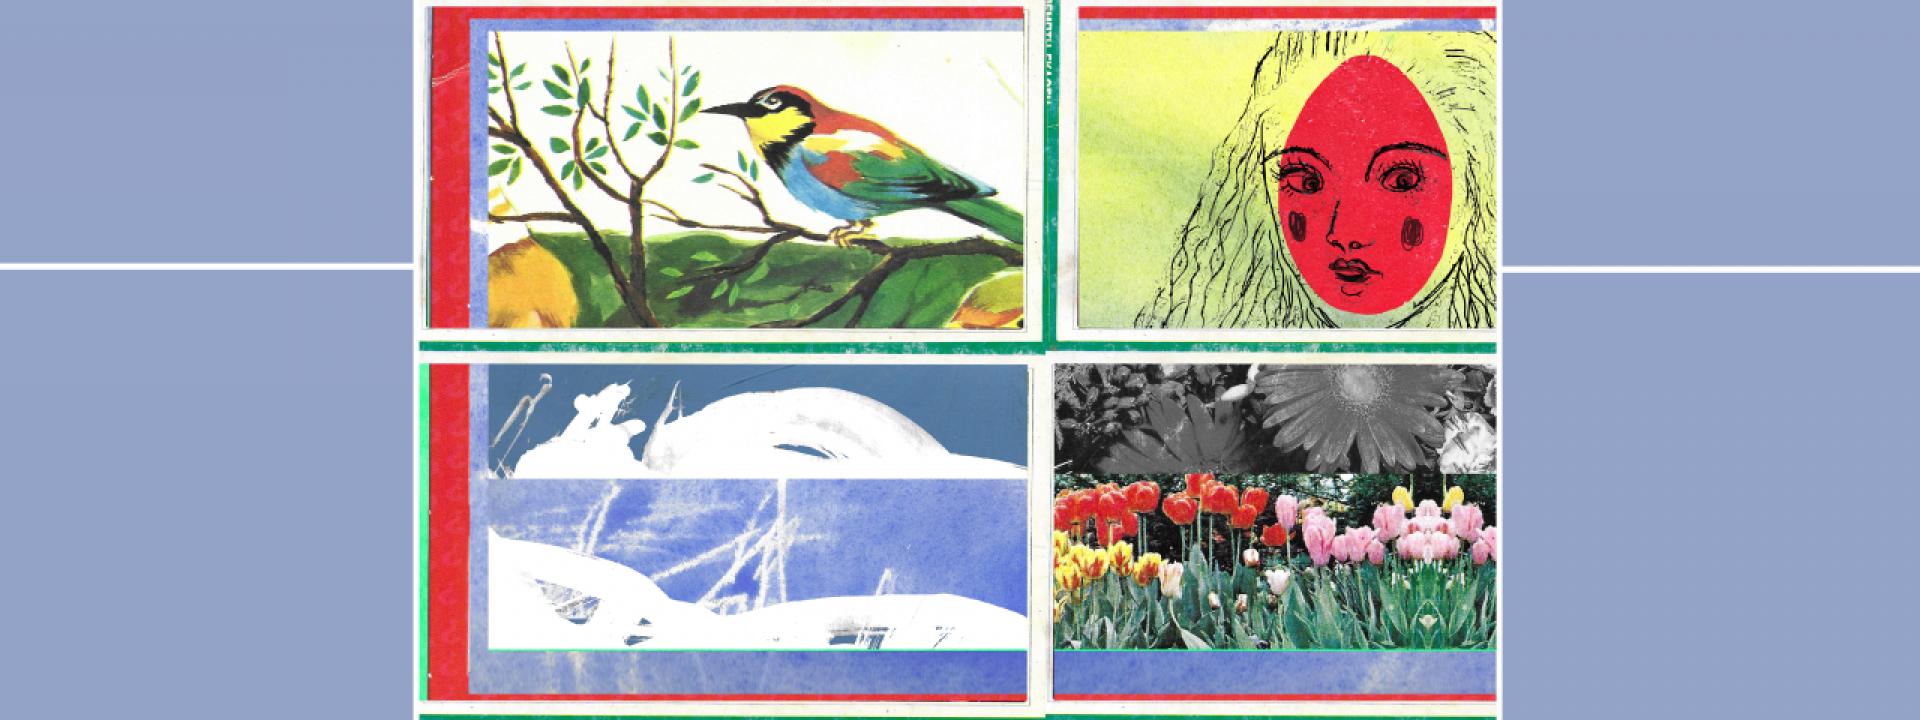 Η Τέχνη στη σχολική τάξη | Ταξίδι μέσα από τα κόμιξ ή αλλιώς την 9η τέχνη - Εικόνα